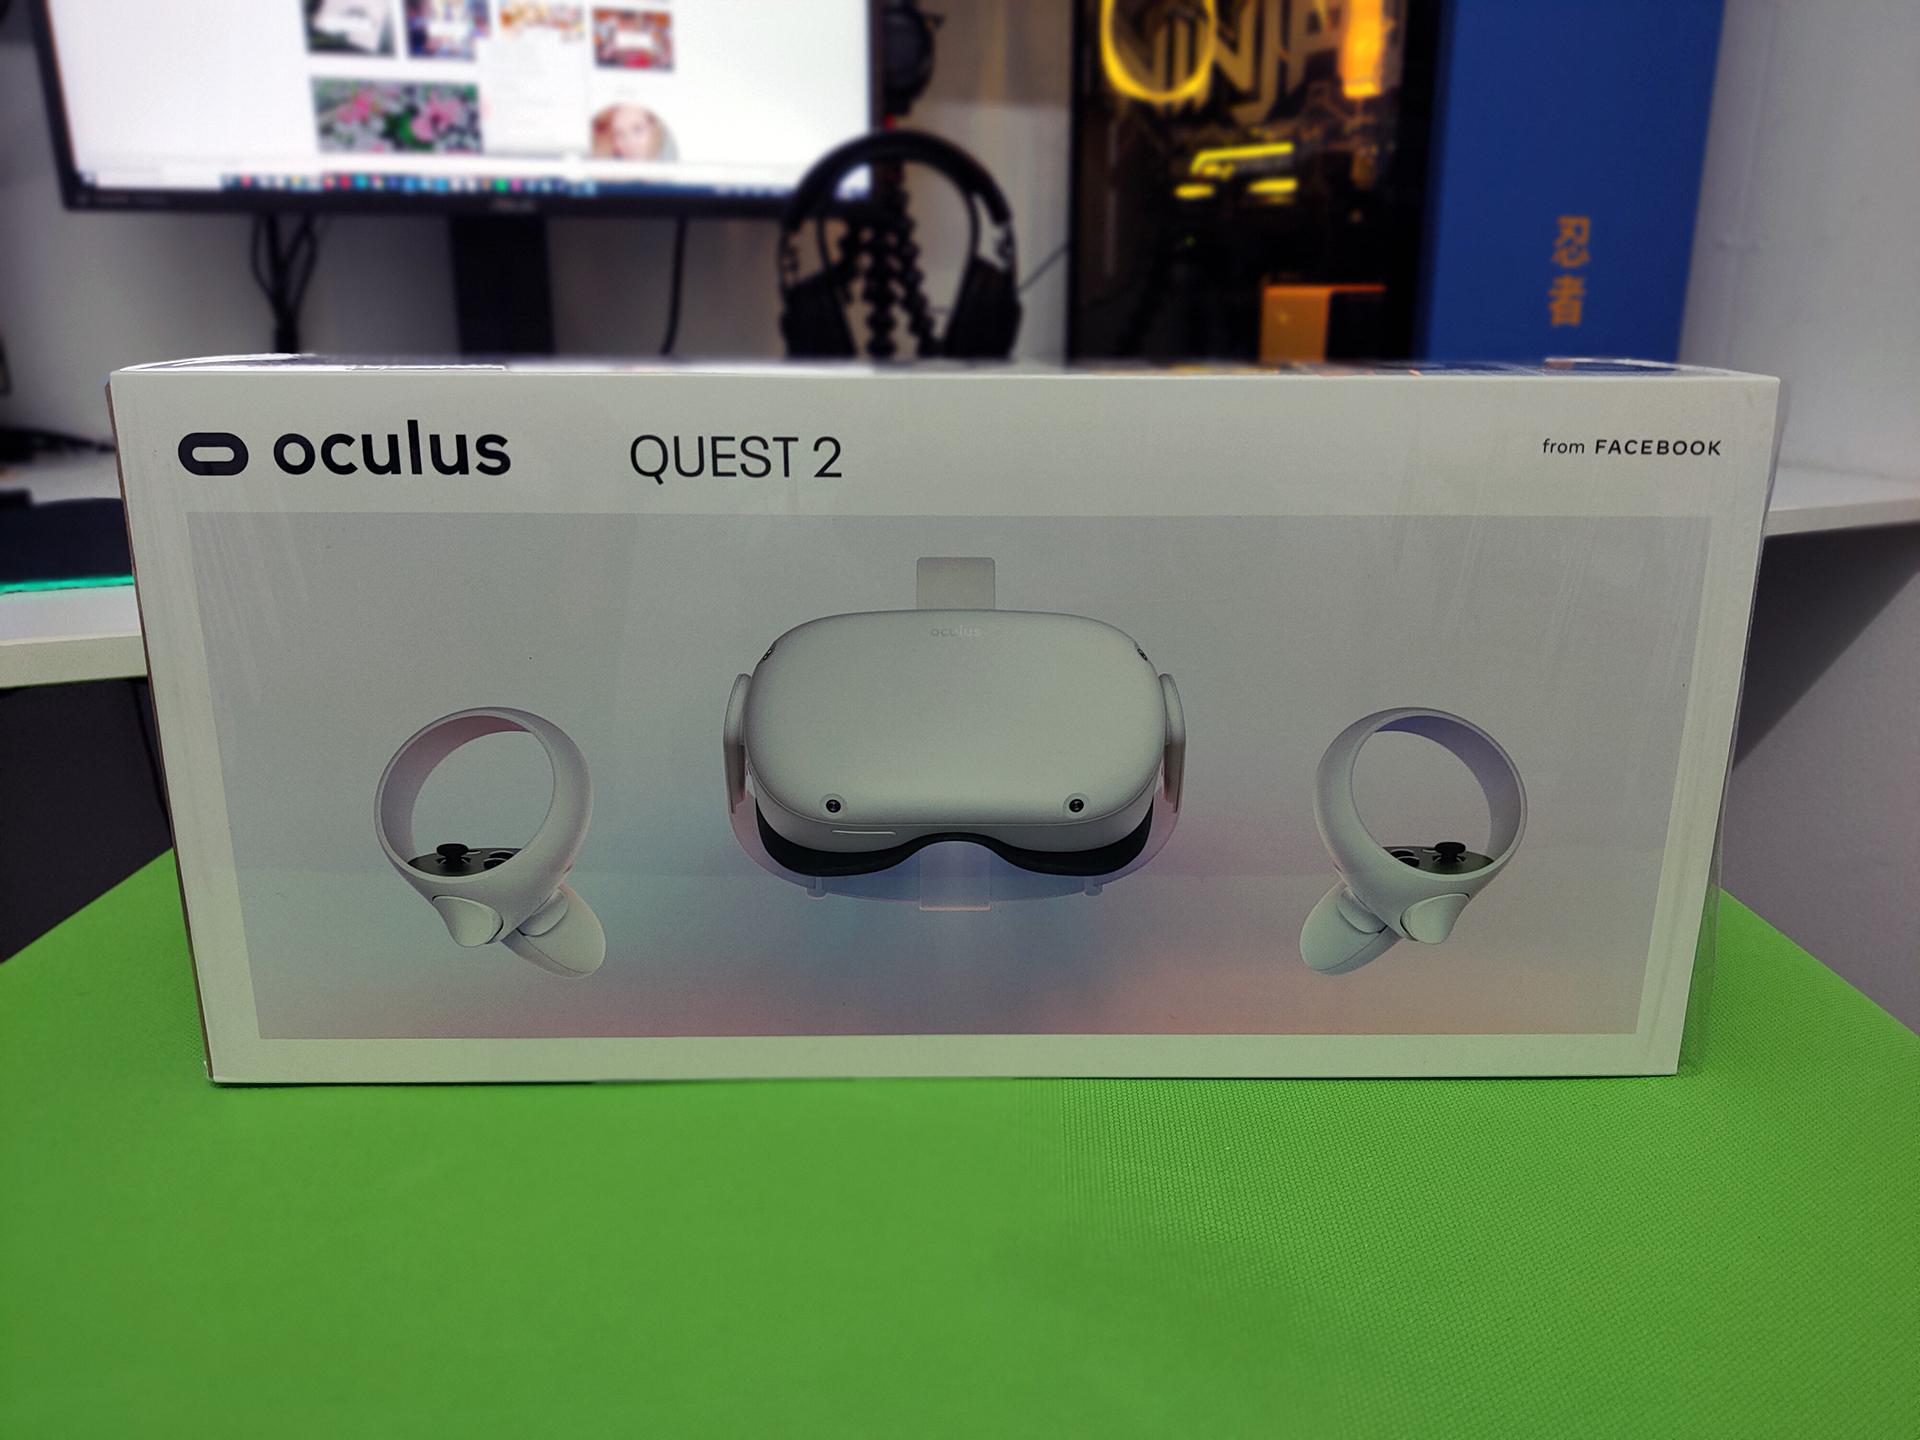 De doos van de Quest 2 is een soort koffer waarin je de quest gemakkelijk kunt opbergen als je klaar bent.